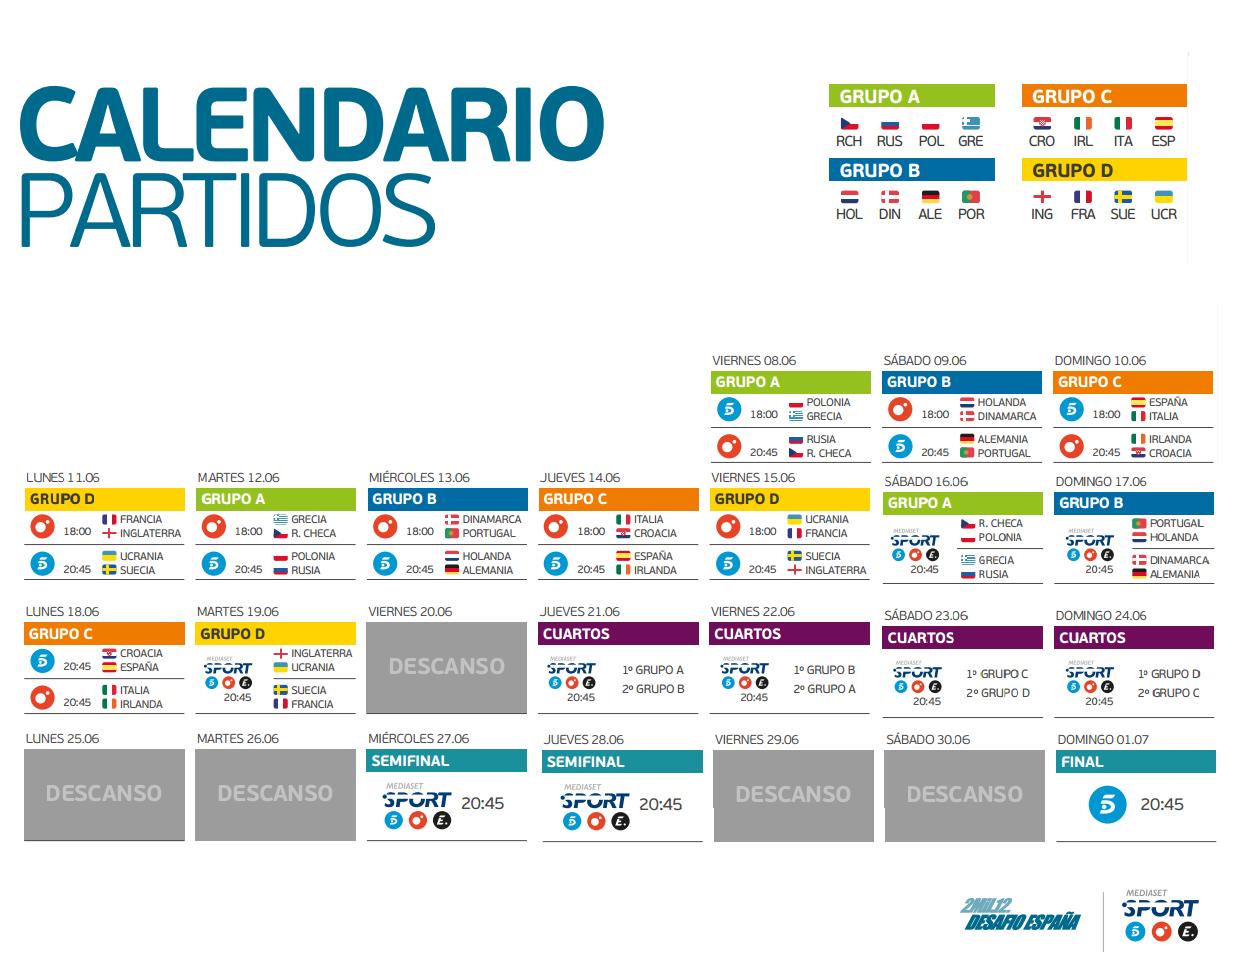 Calendario de la Eurocopa 2012